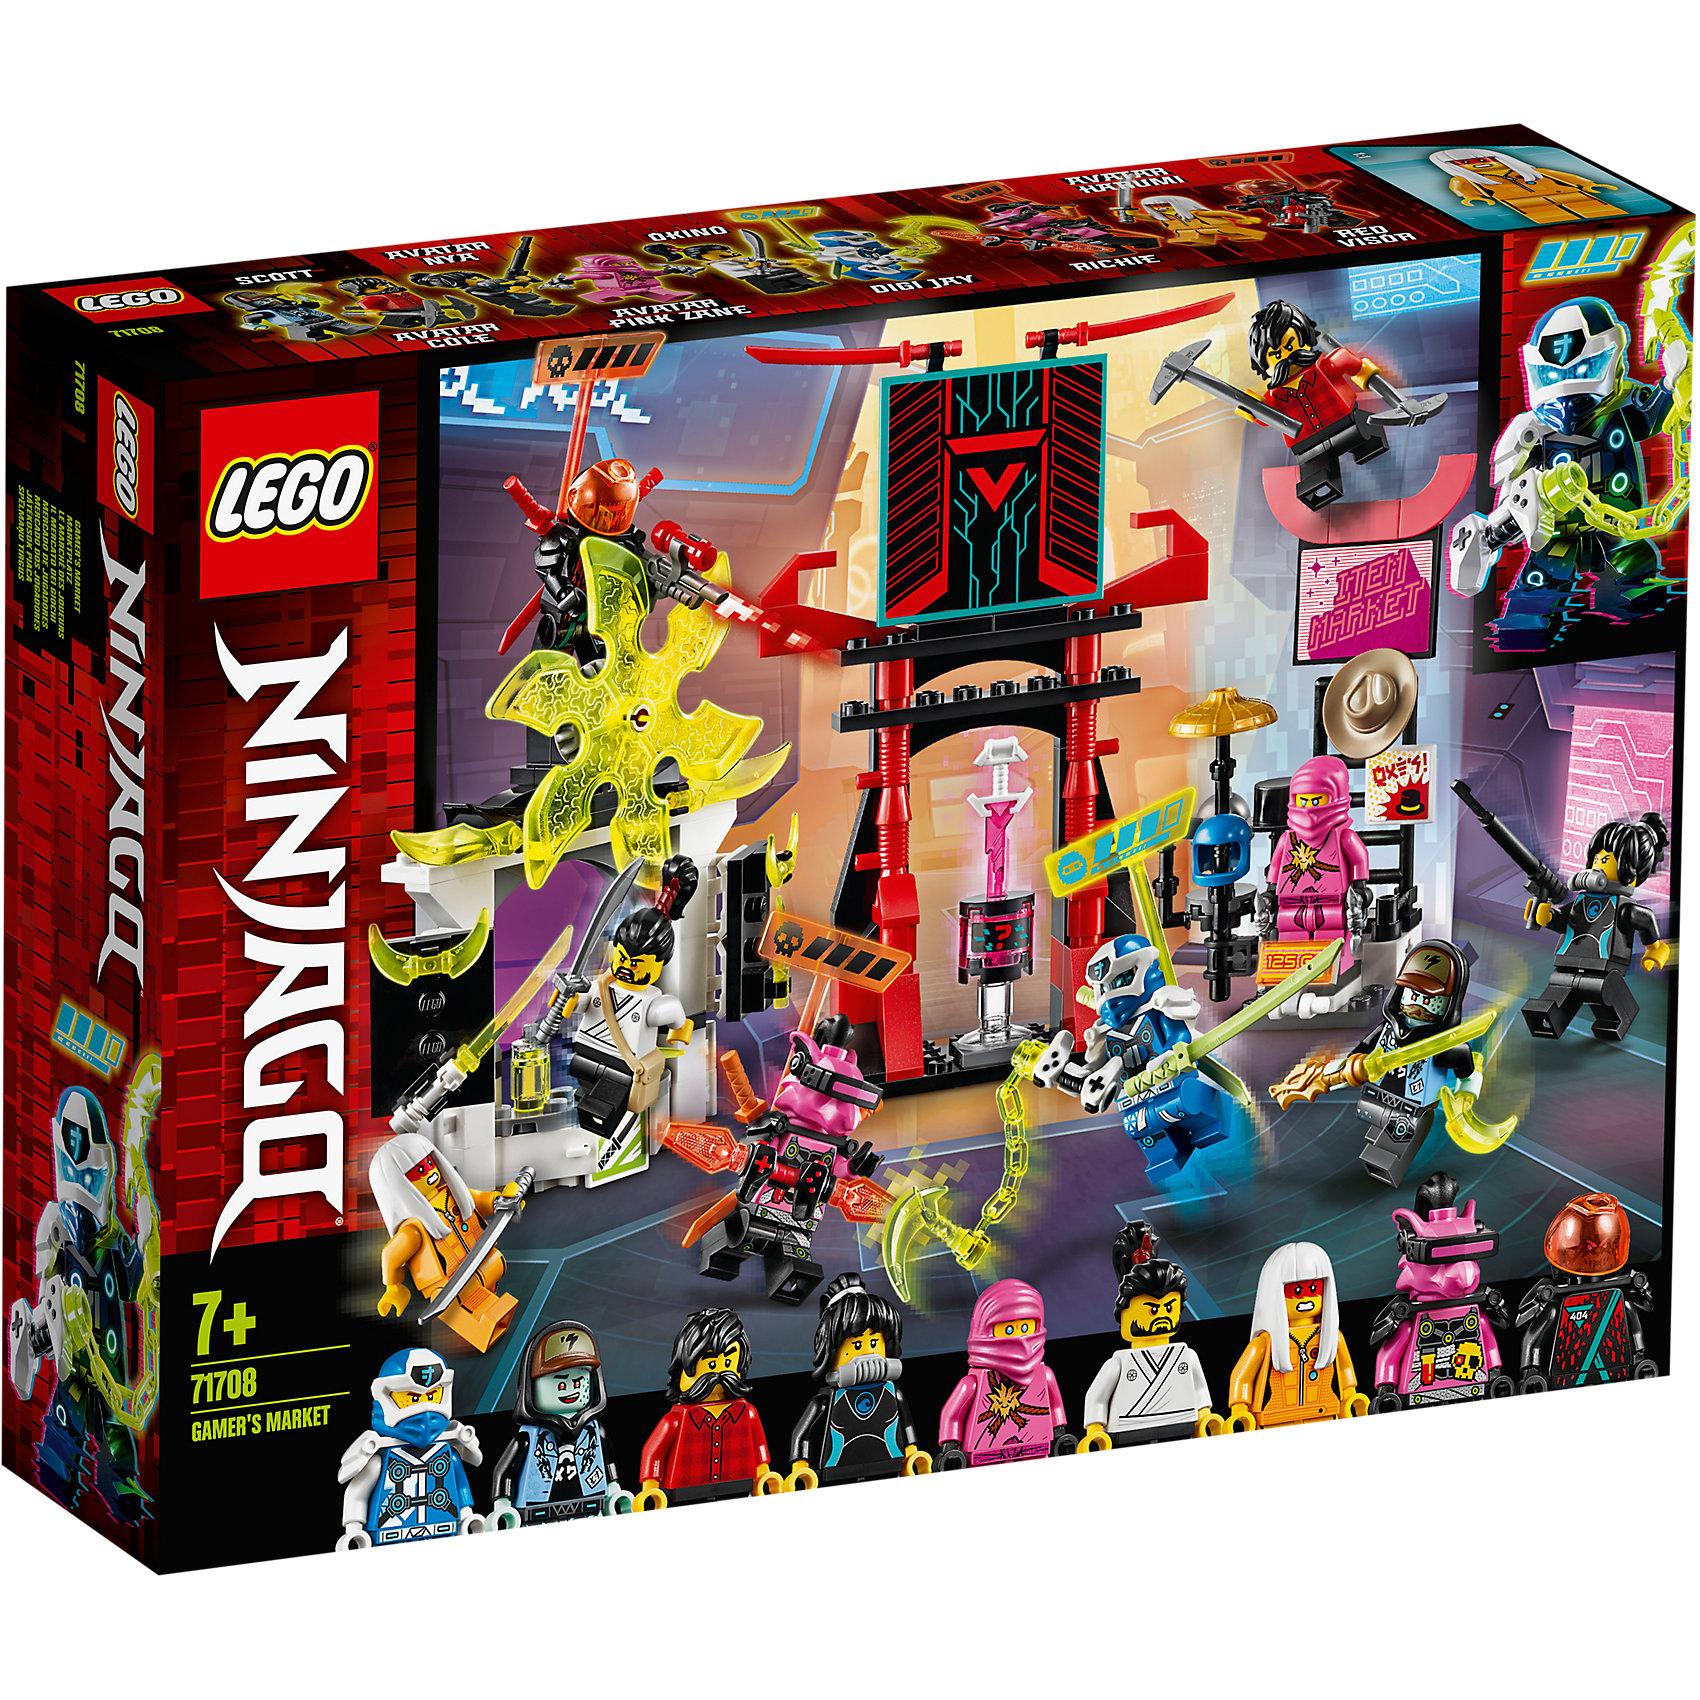 Лего Ниндзяго Детский Мир Интернет Магазин